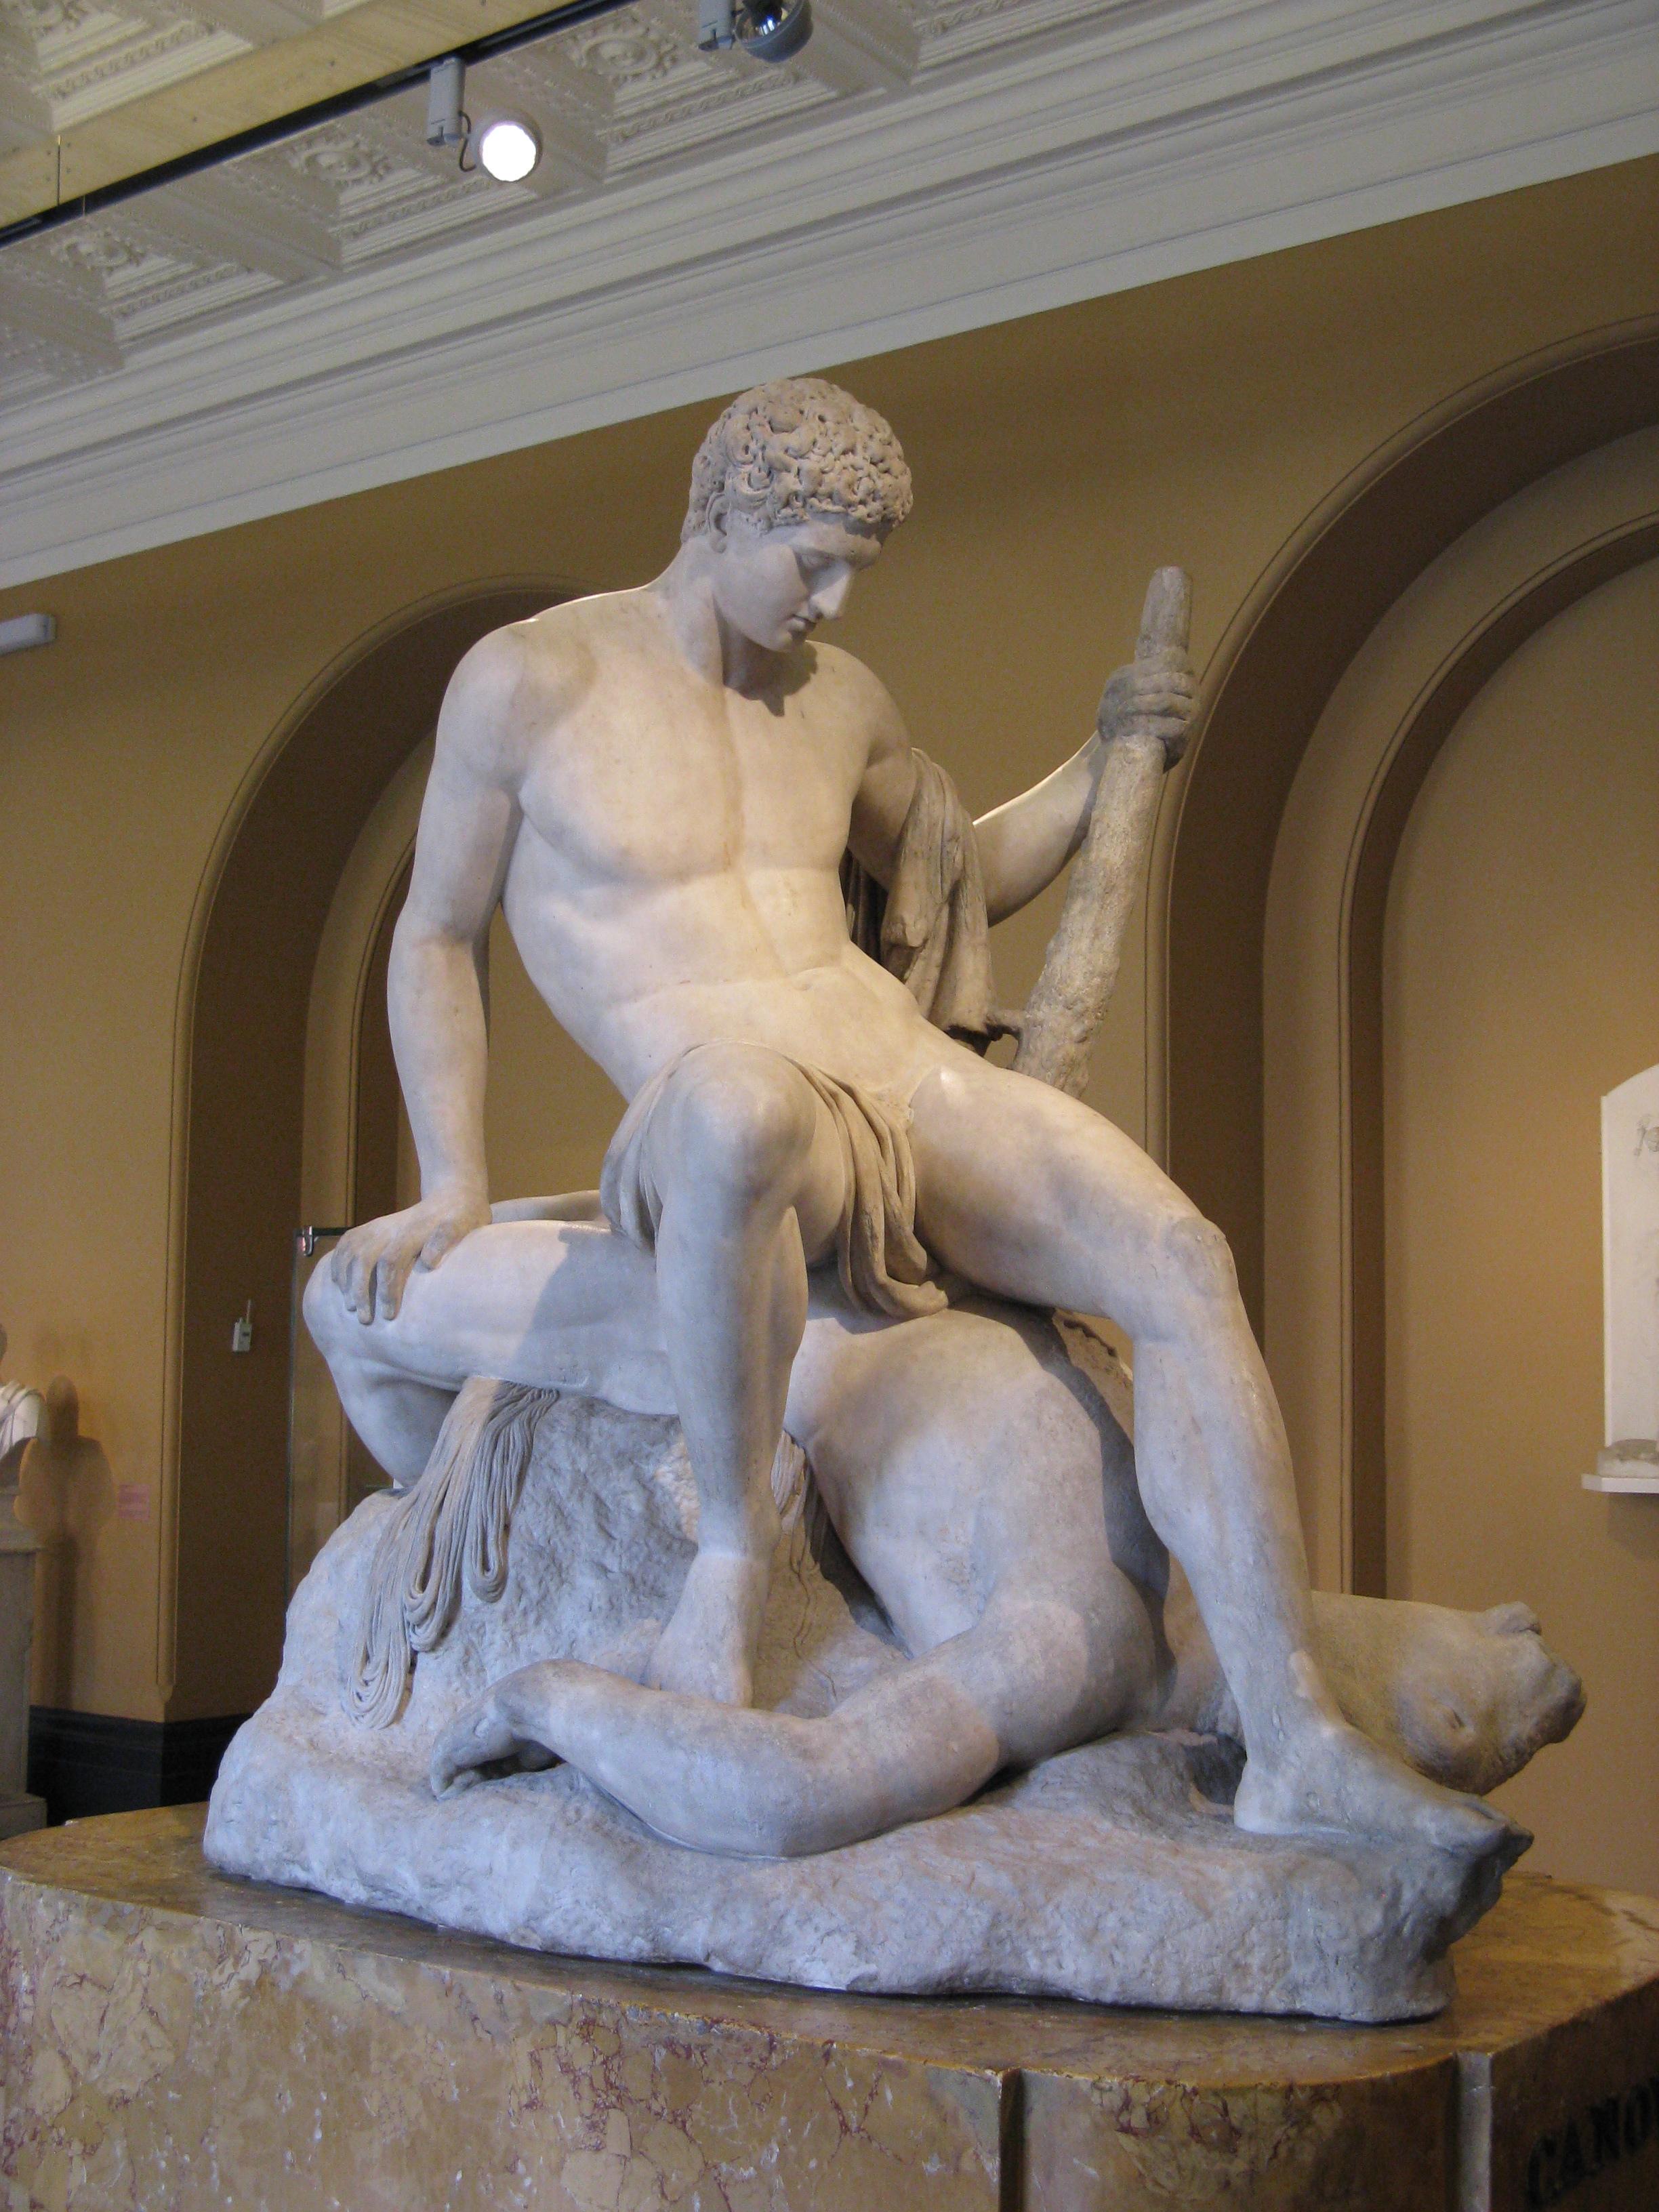 antonio canova 2011-1-13 escultor e pintor italiano, antonio canova, nasceu em possagno a 1º de novembro de 1757 e morreu em veneza a 13 de outrubro de 1821 órfão, foi criado pelo avô, que o colocou, ainda criança, como aprendiz numa marmoraria.